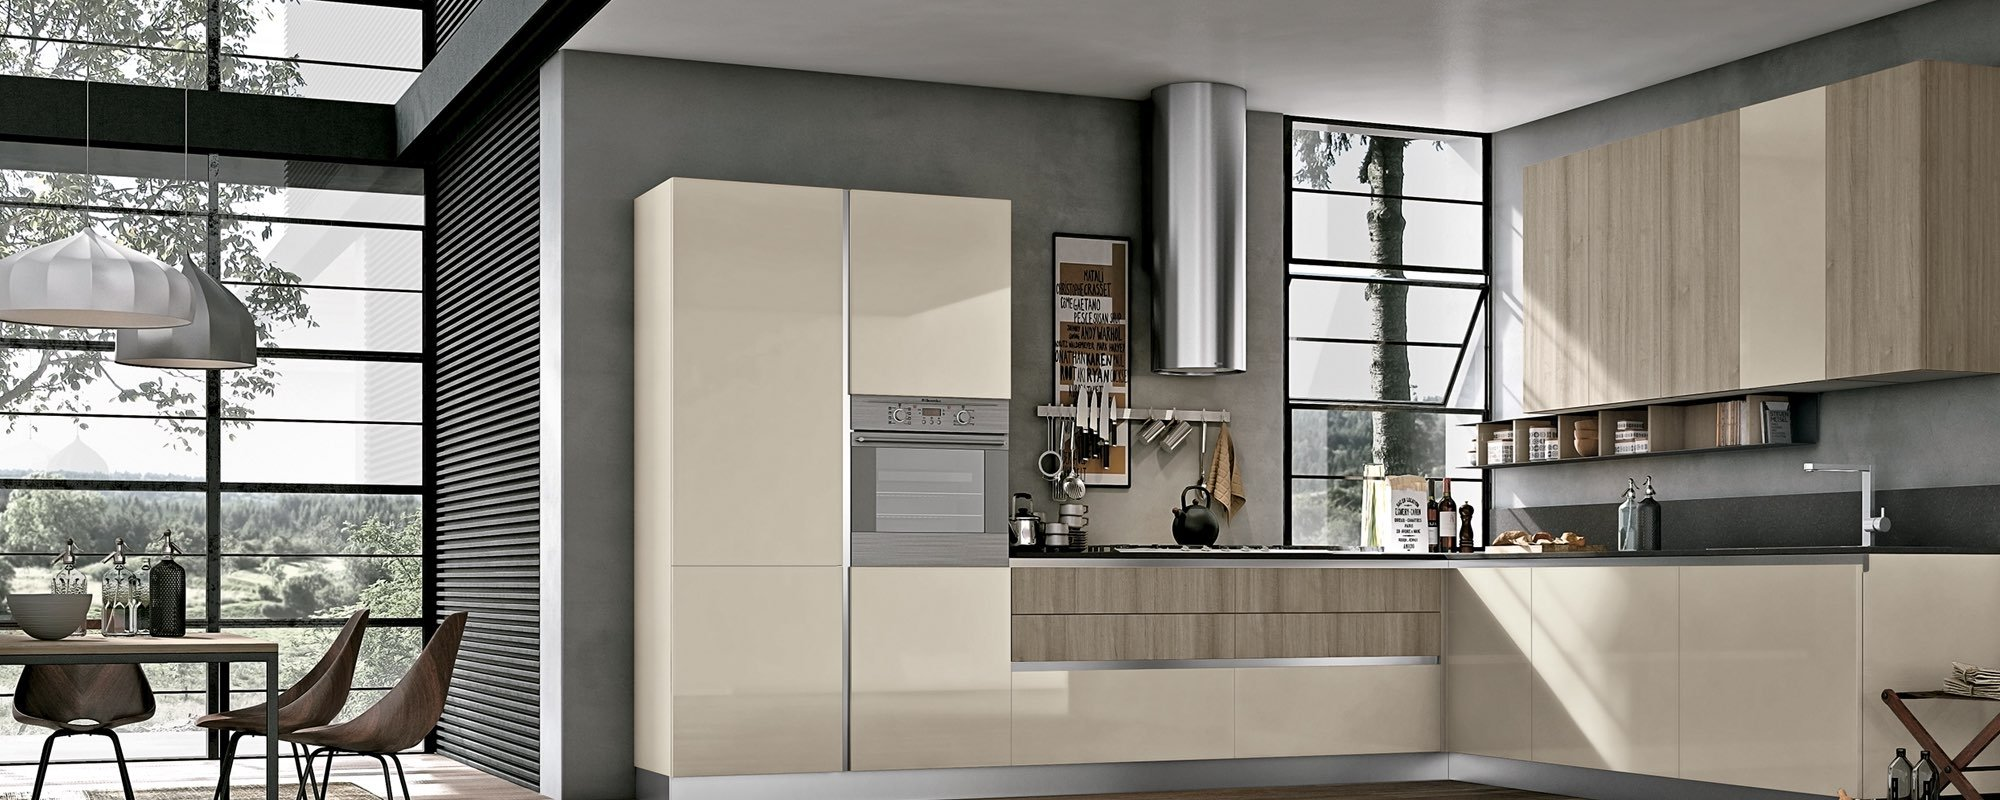 Cucine Moderne Ad Angolo Con Finestra. Re Aiuto Idee X Cucina Open ...